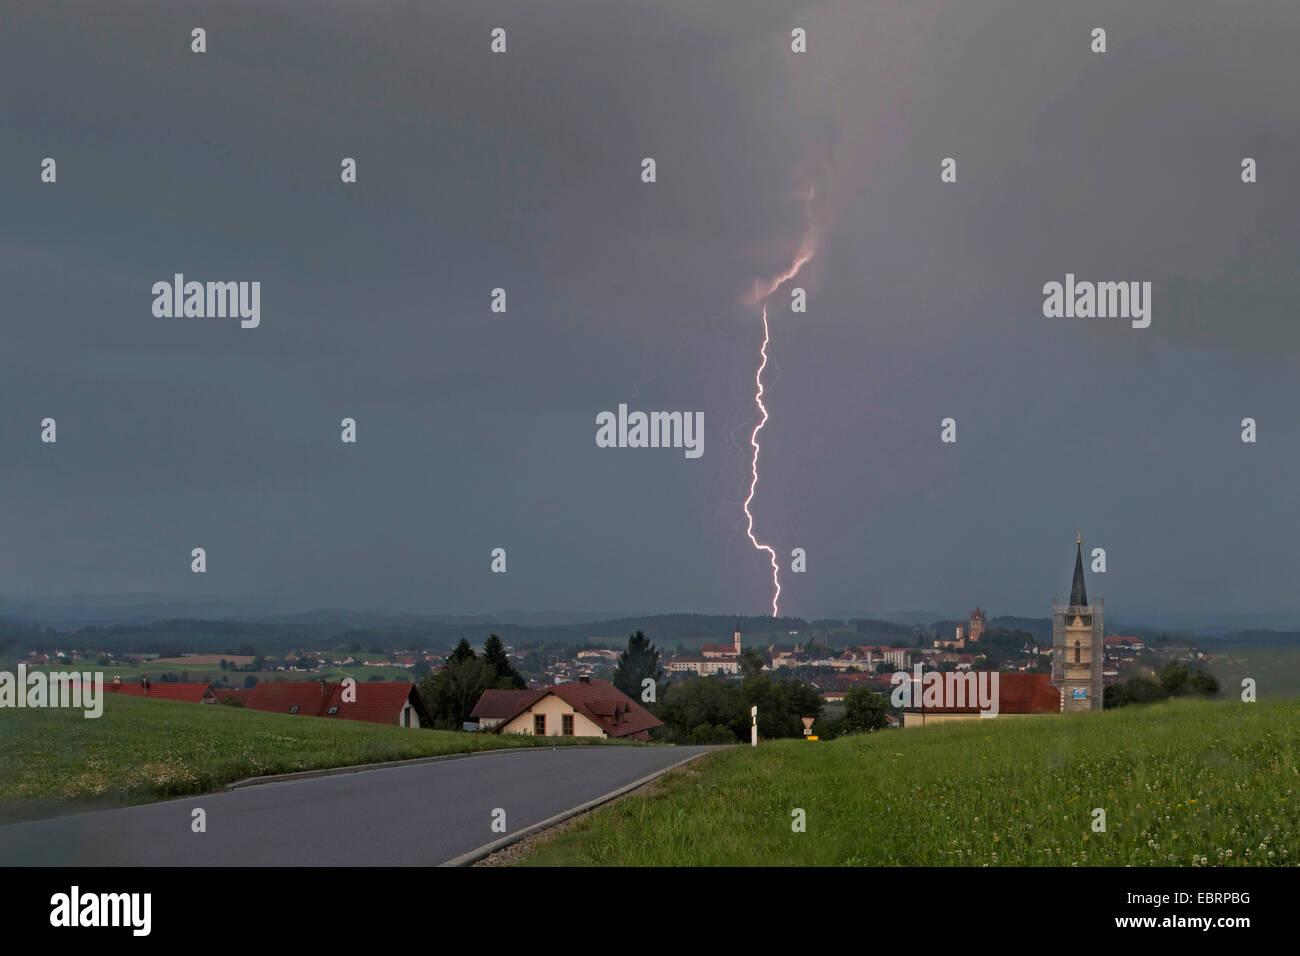 La foudre dans un bois à la lumière du jour , Allemagne, Bavière, Alpenvorland Photo Stock